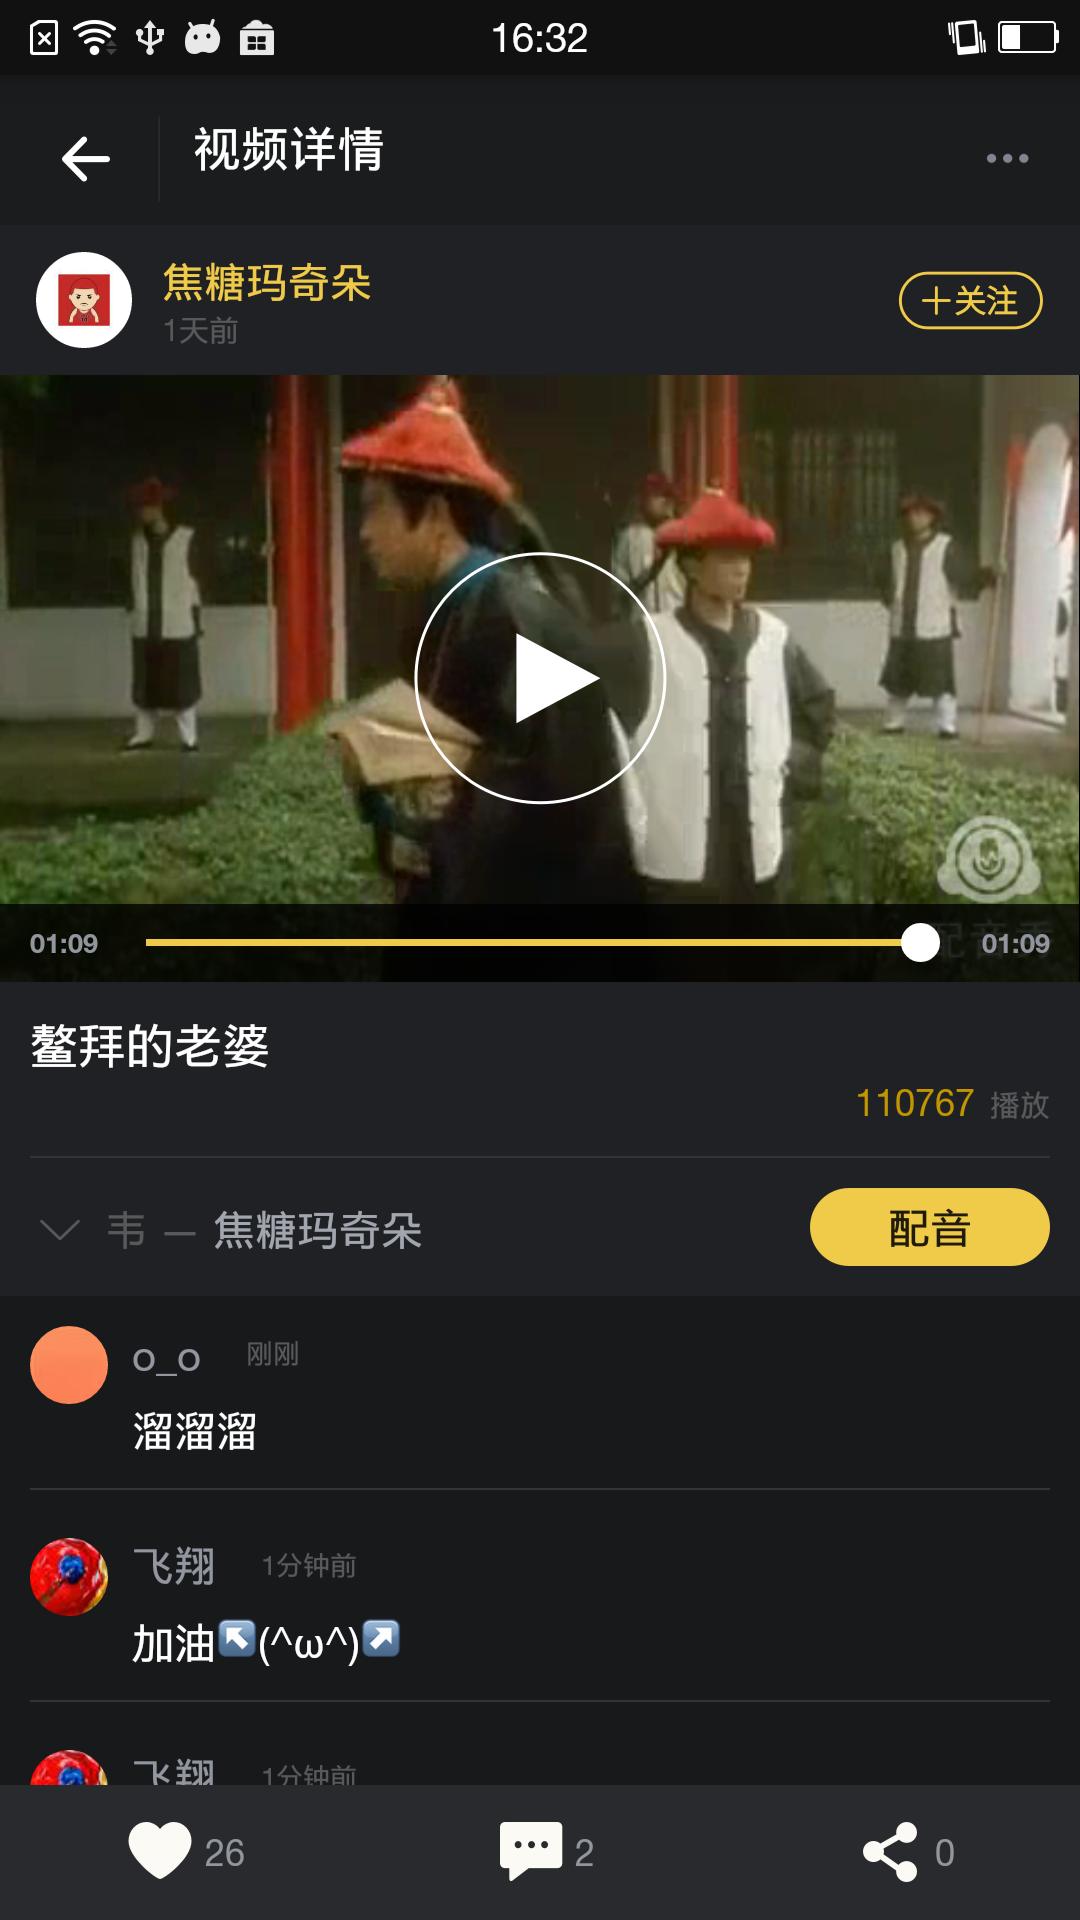 粤语配音秀截图